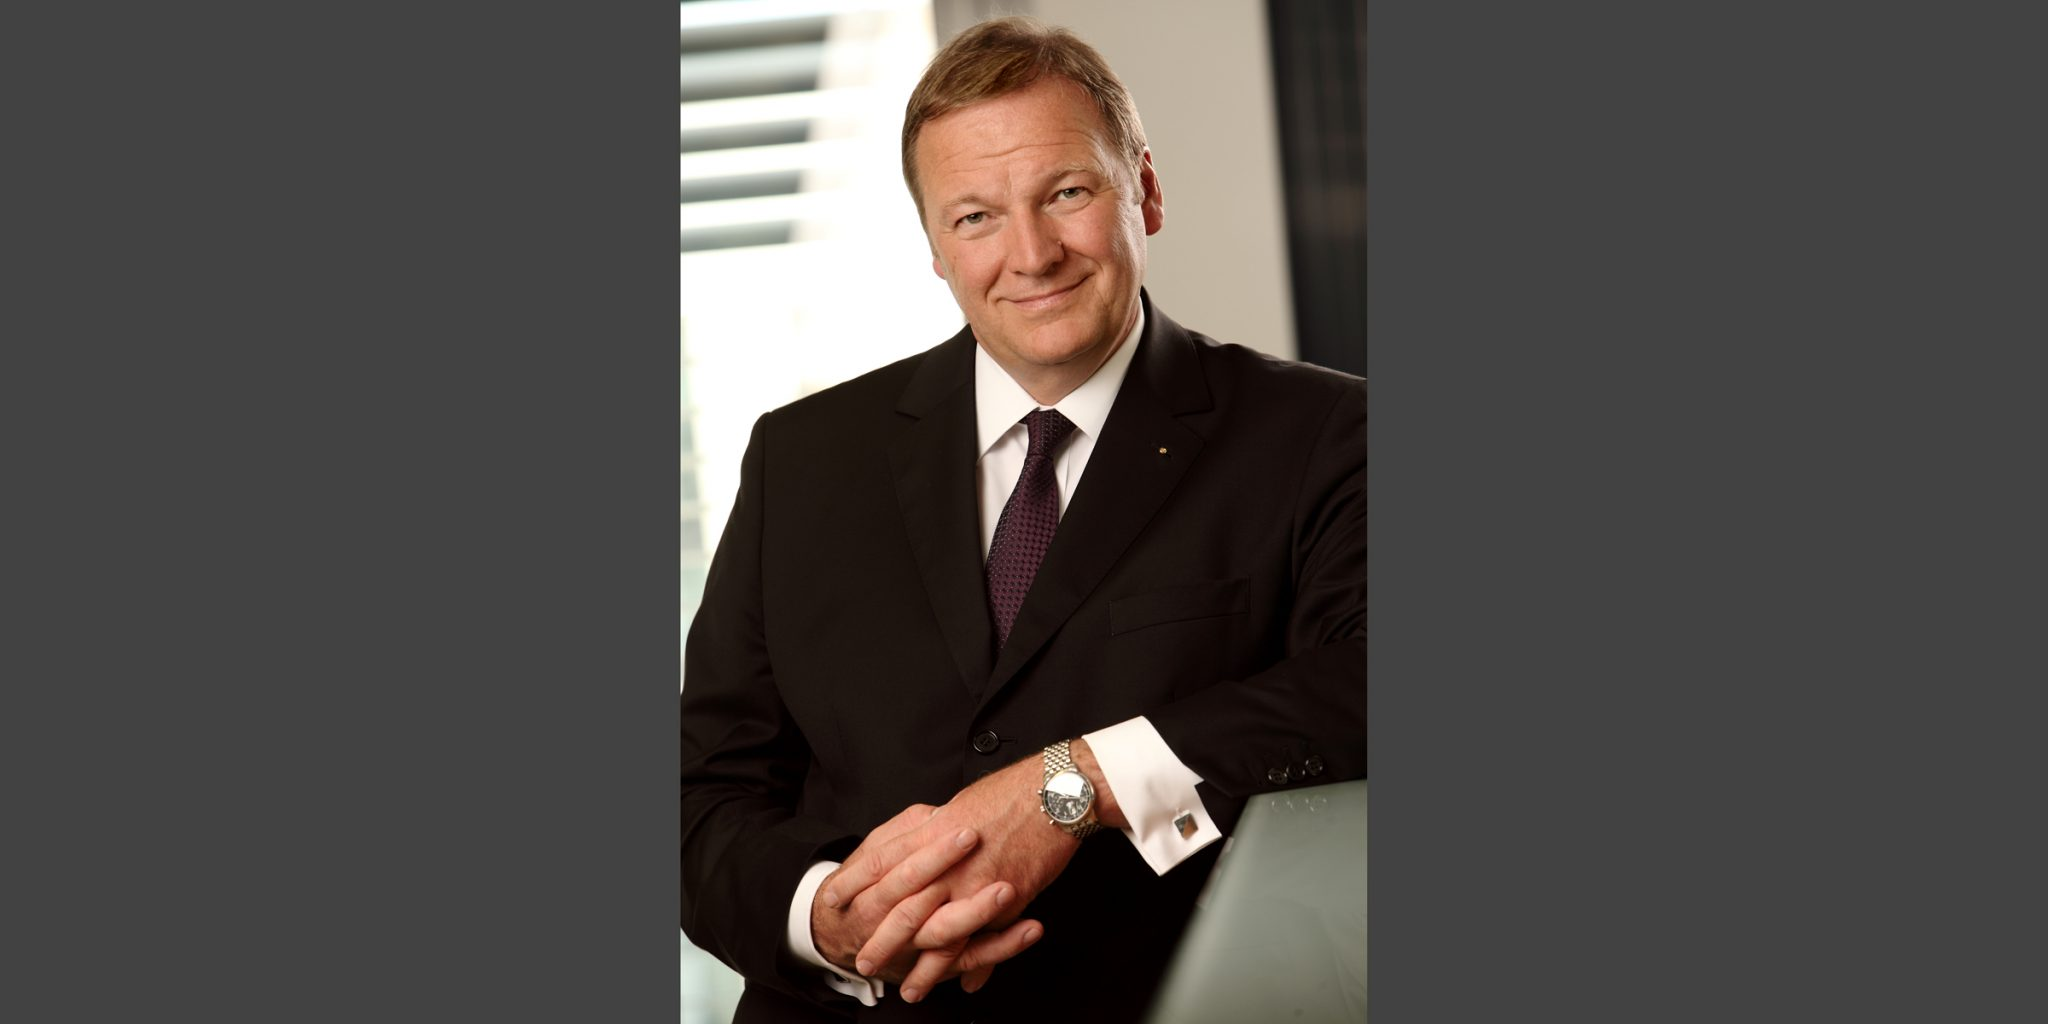 Farbporträt eines Mannes im eleganten, dunklen Business-Anzug von der Nord/LB Luxemburg, der mit verschränkten Händen und freundlich lächelnd posiert.